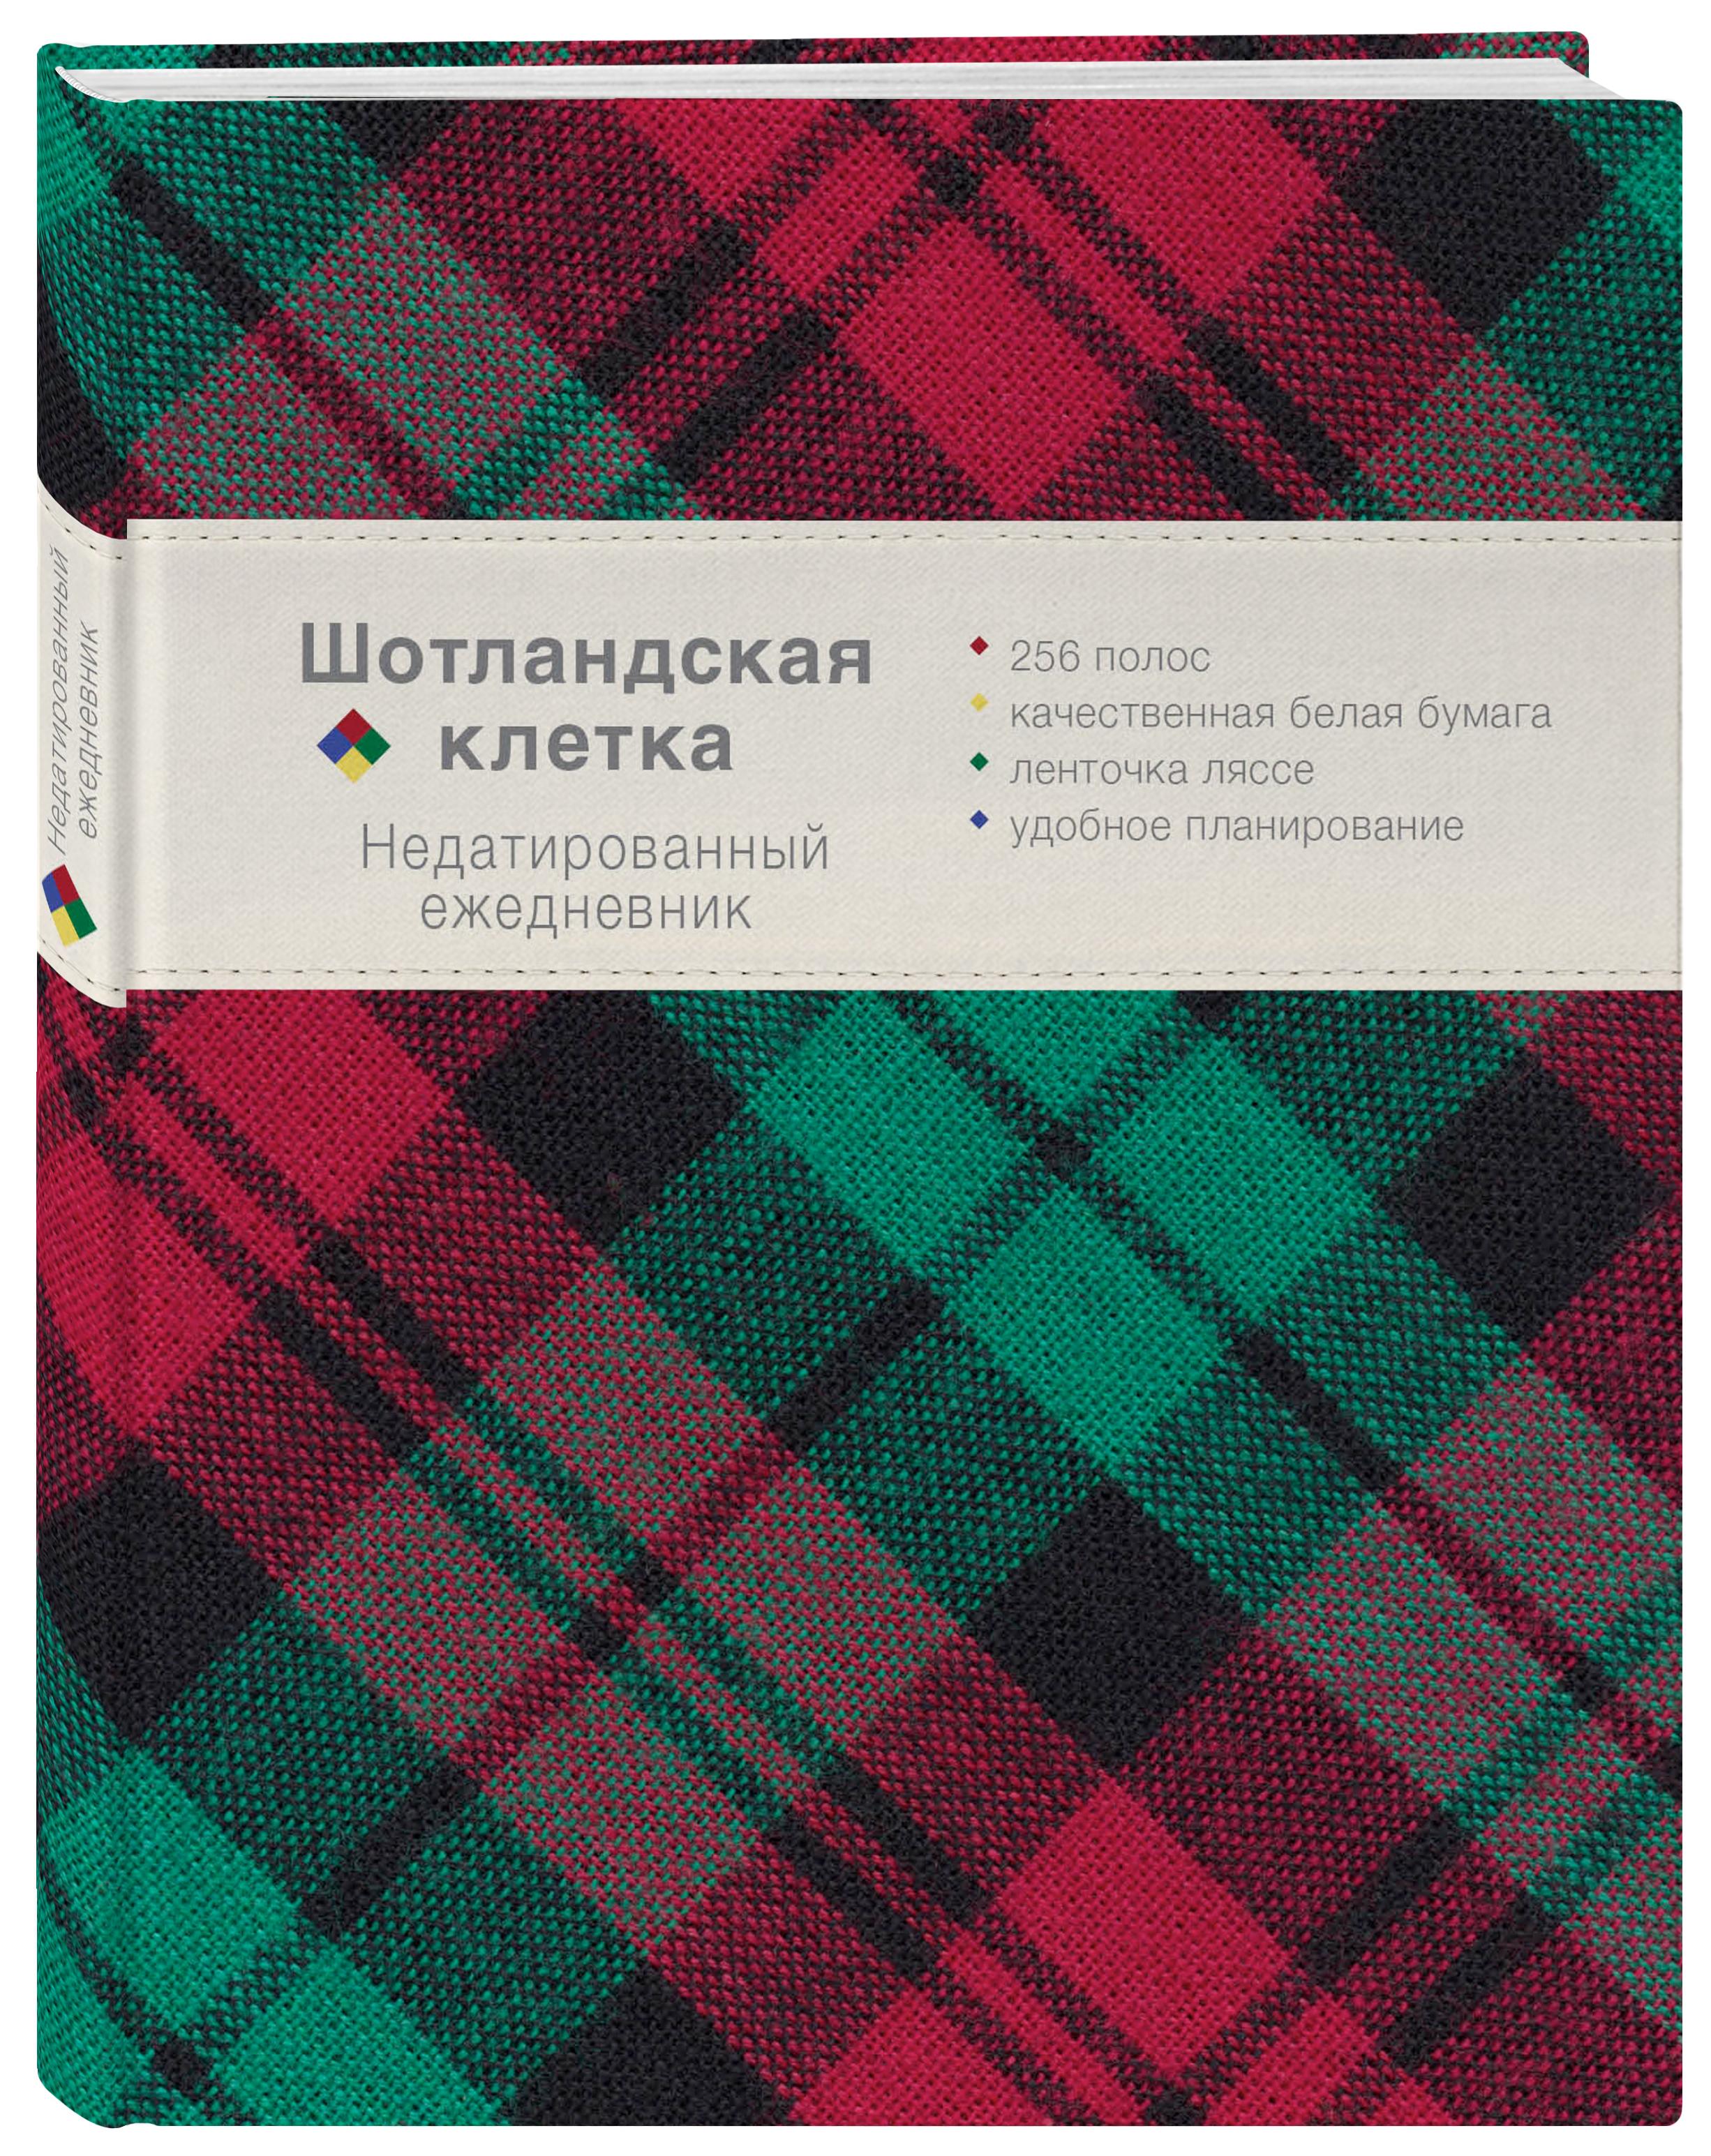 Ежедневник. Шотландская клетка (бирюзовый) ежедневник шотландская клетка бежевый